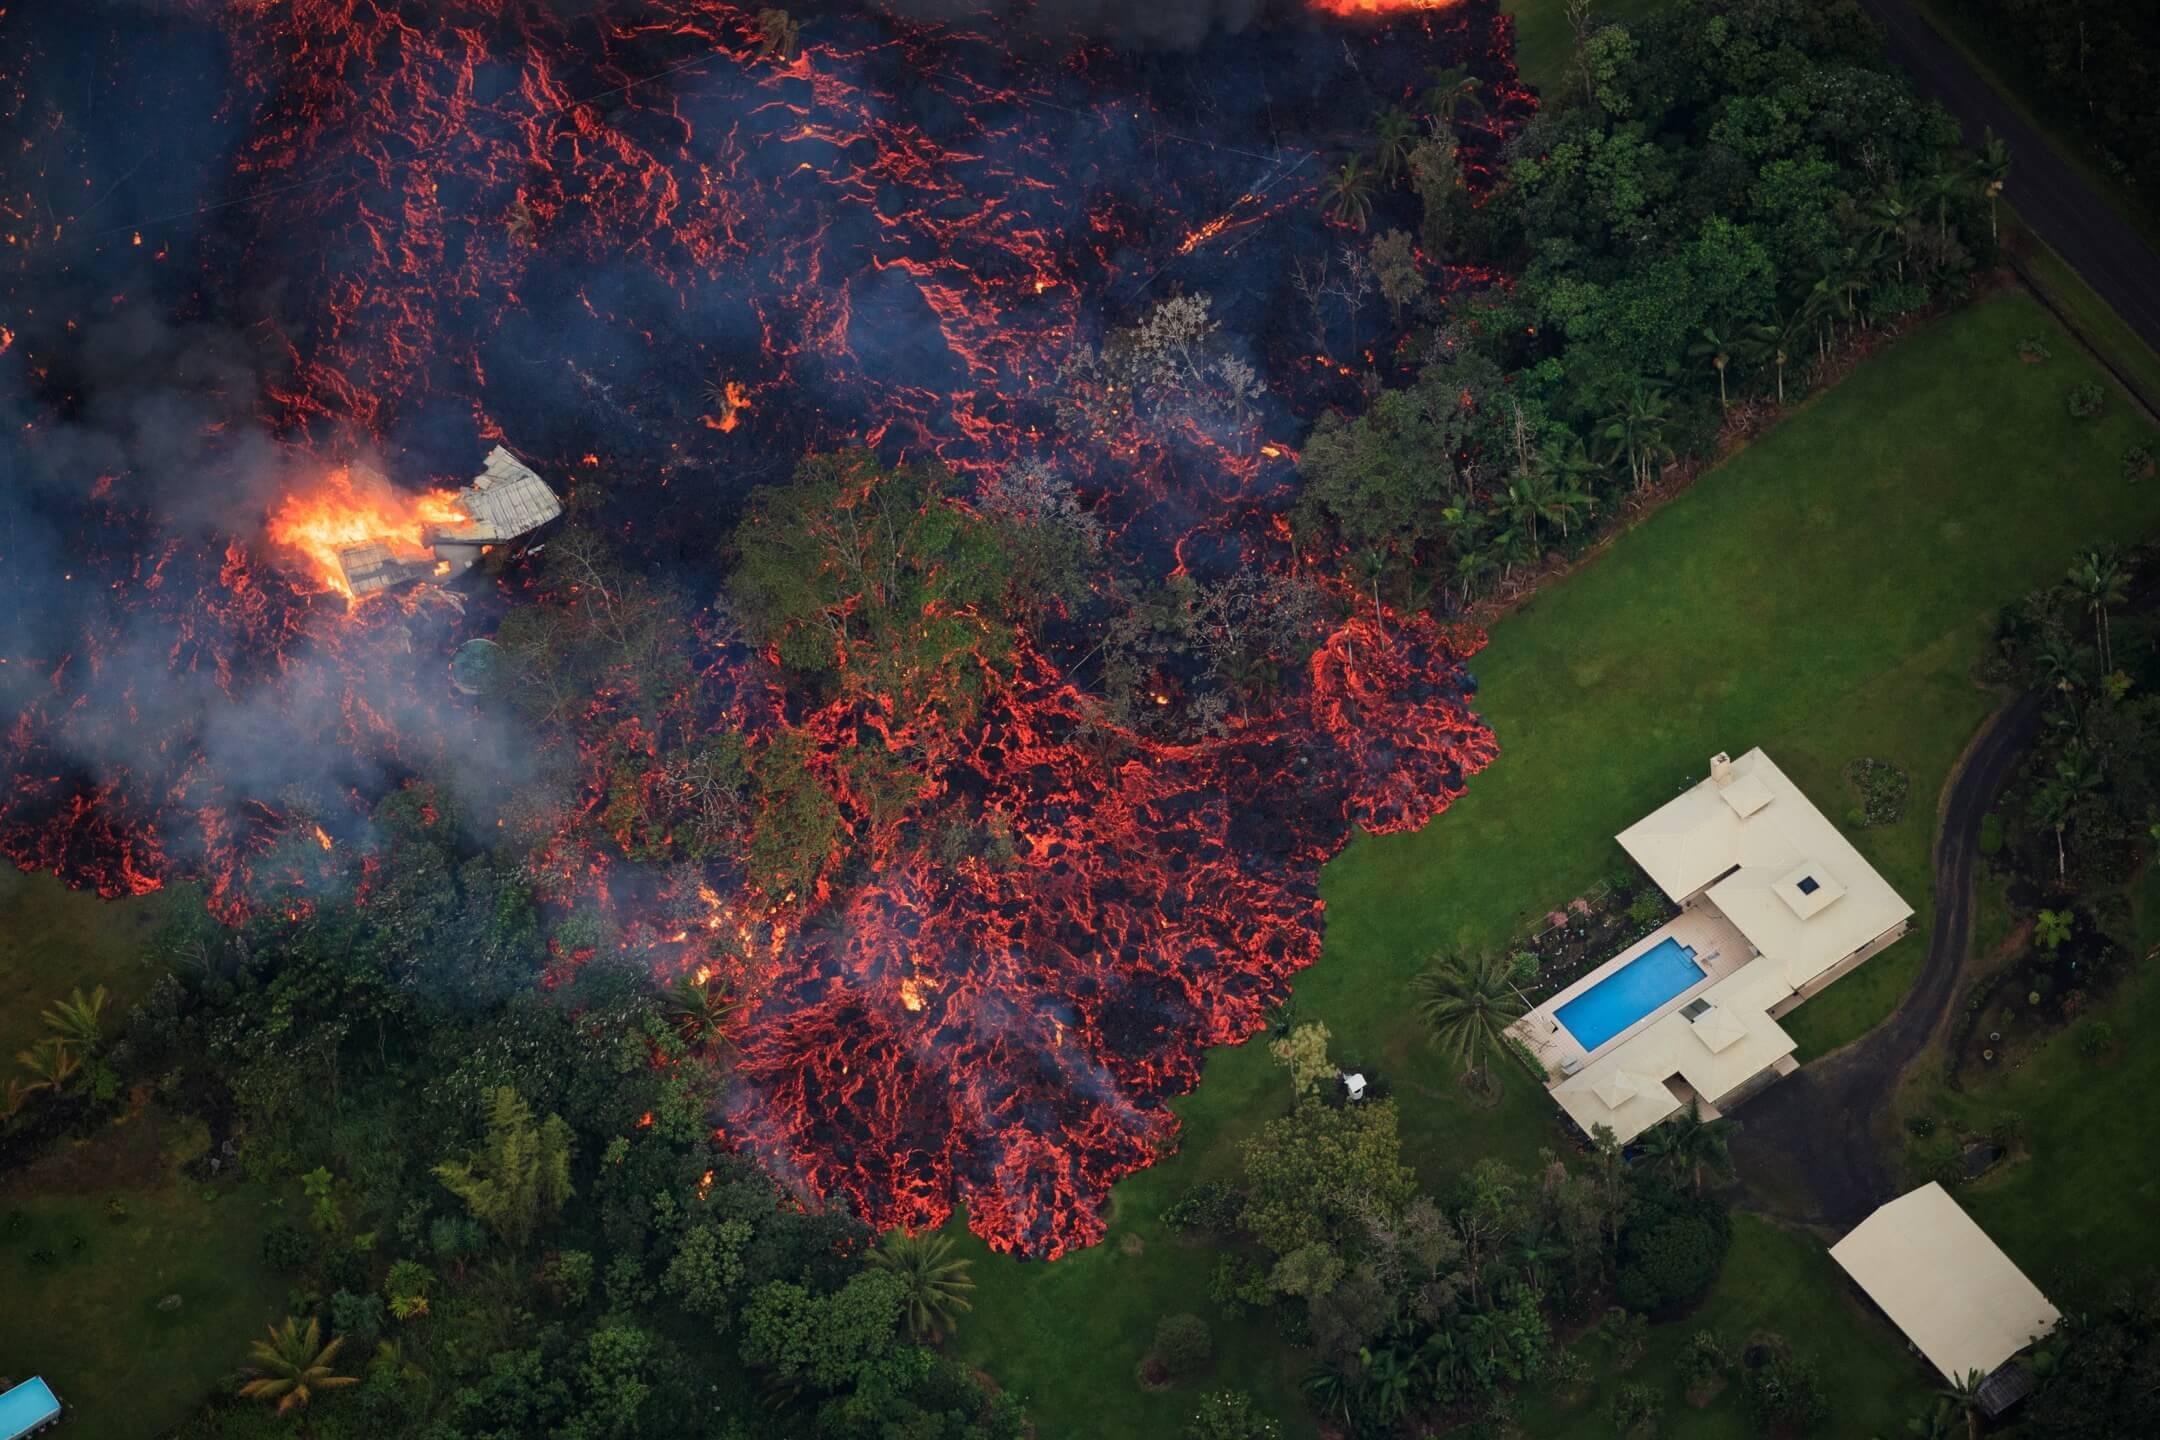 2018年5月6日,美國夏威夷基拉韋厄(Kilauea)火山噴發,熔岩從地面裂縫不斷滲出。當地宣佈進入緊急狀態,疏散約1,700名居民。 攝:Bruce Omori/Paradise Helicopters via EPA